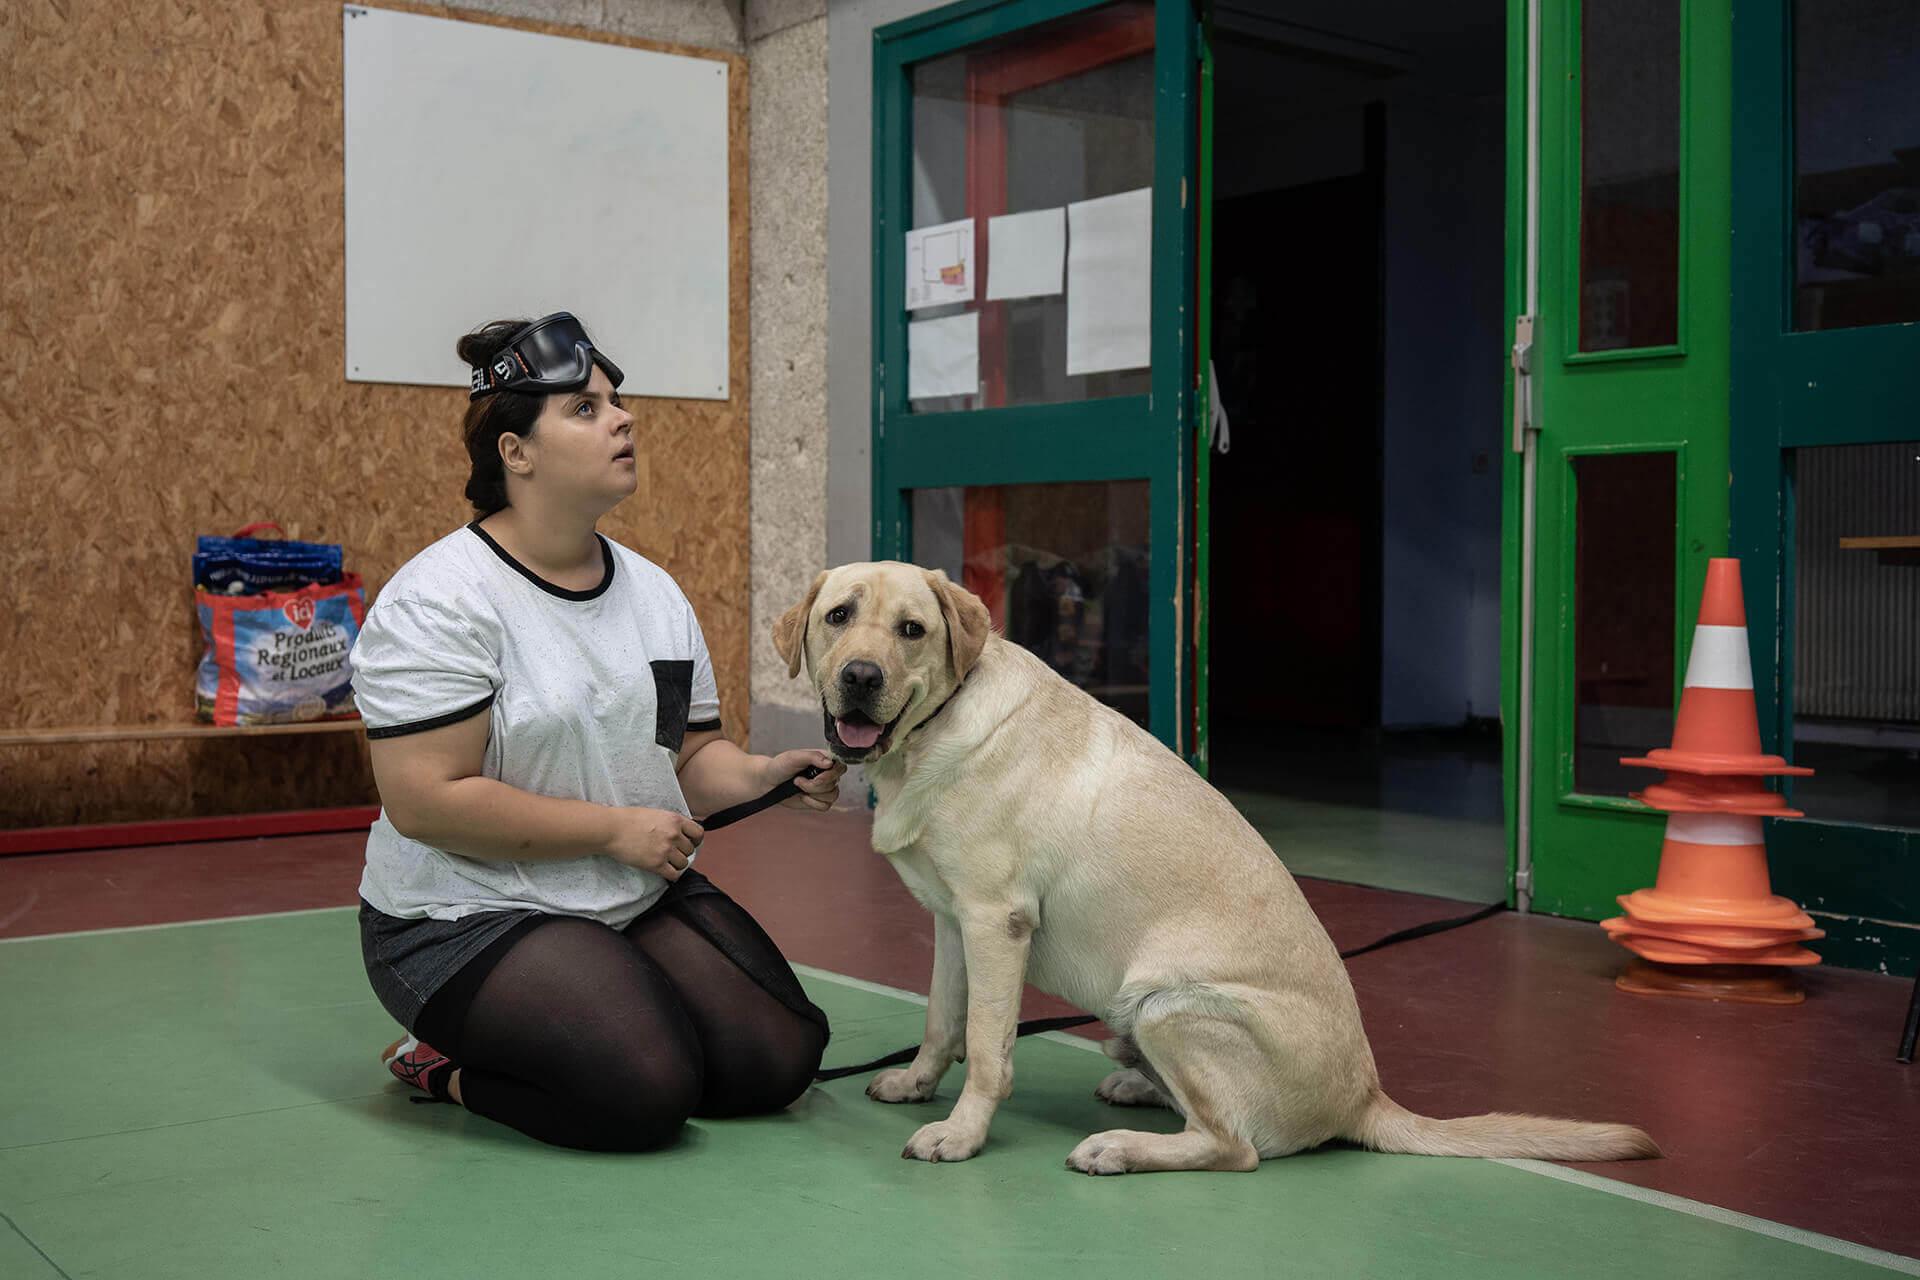 Meryem, jeune-femme non-voyante, est assise face à Mystère, son chien guide. Son visage est tendu vers le haut tandis que Mystère regarde à droite de la photo. Derrière eux, l'entrée du gymnase.